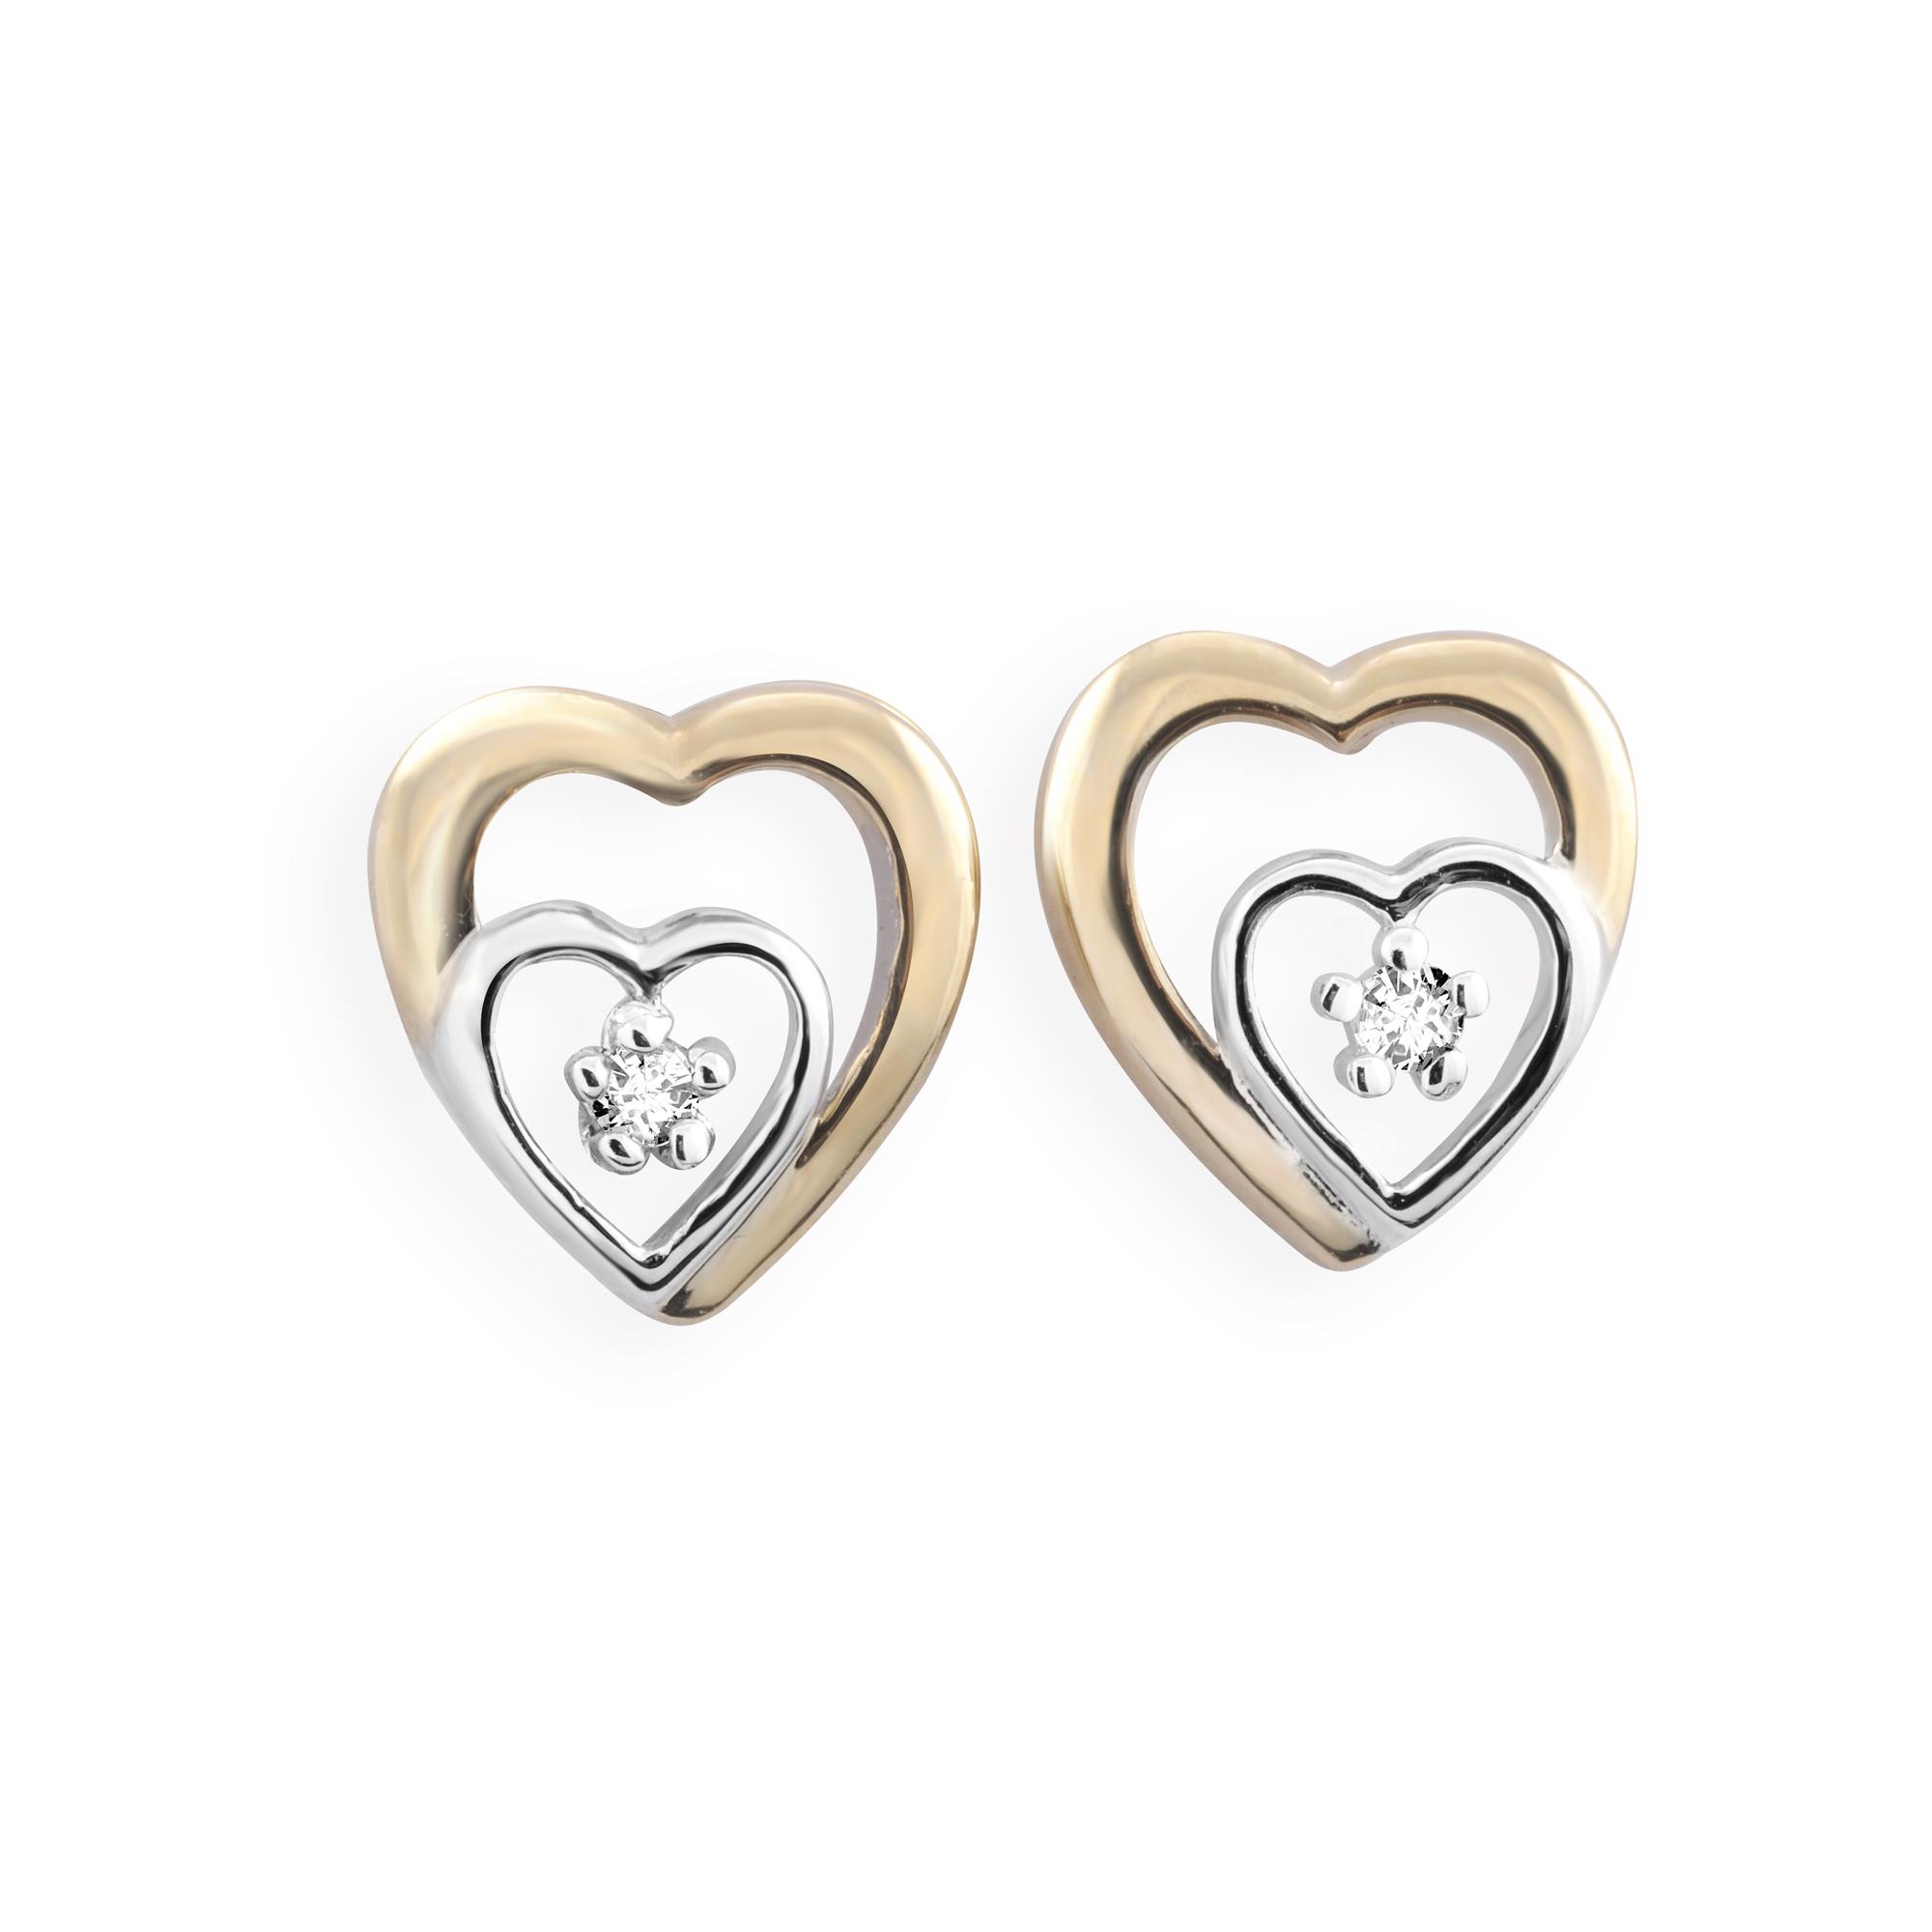 Boucles d'oreilles double coeurs à tiges fixes - Or 10K 2-tons (jaune et blanc) & Diamants totalisant 0.02 Carat